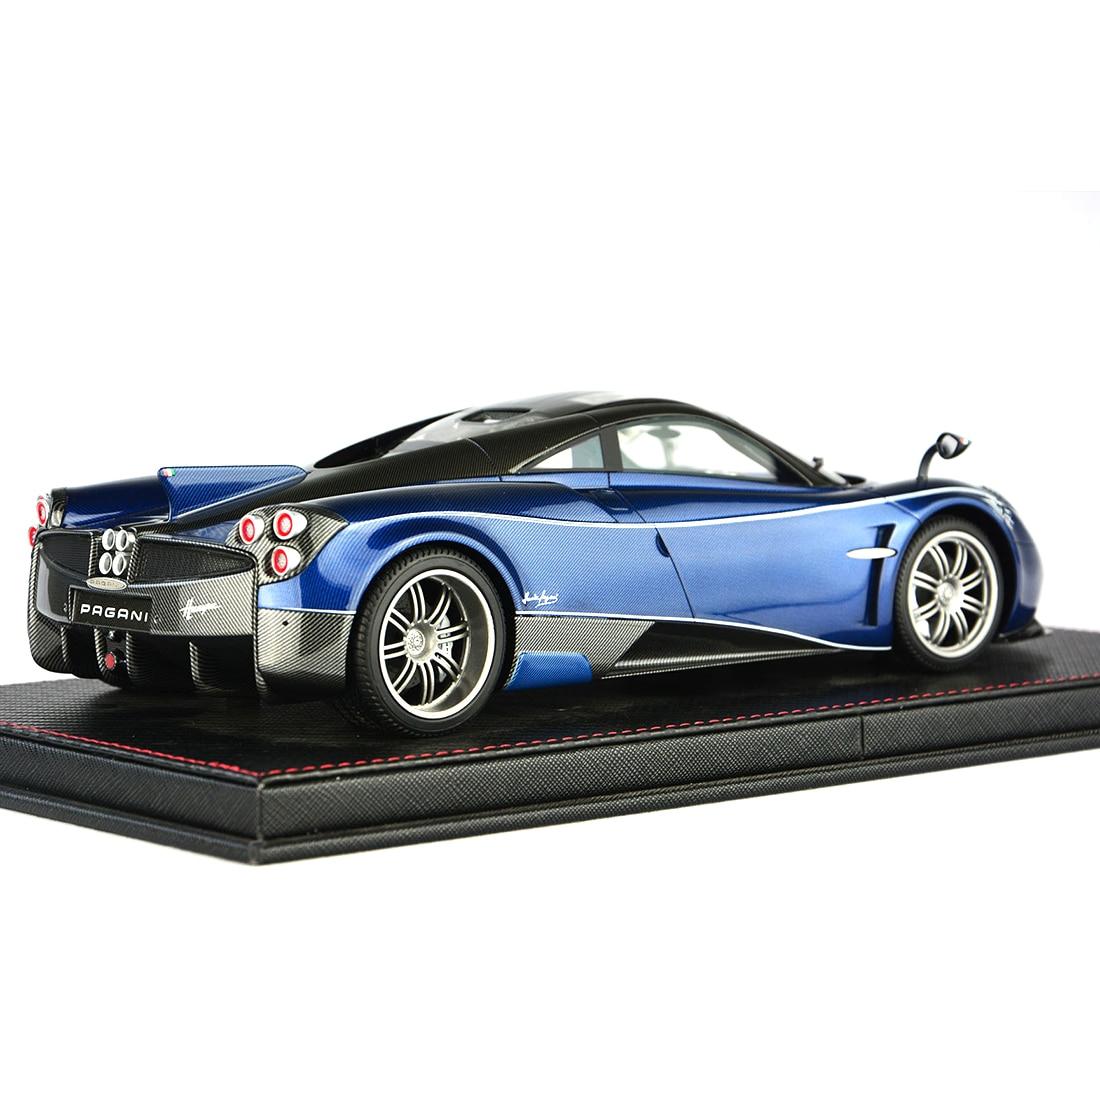 1:18 modelo de coche Pagani HUAYRA colección de modelos de decoración con Base cubierta de polvo modelo educativo juguete azul/Gris Carbón/rojo púrpura - 3